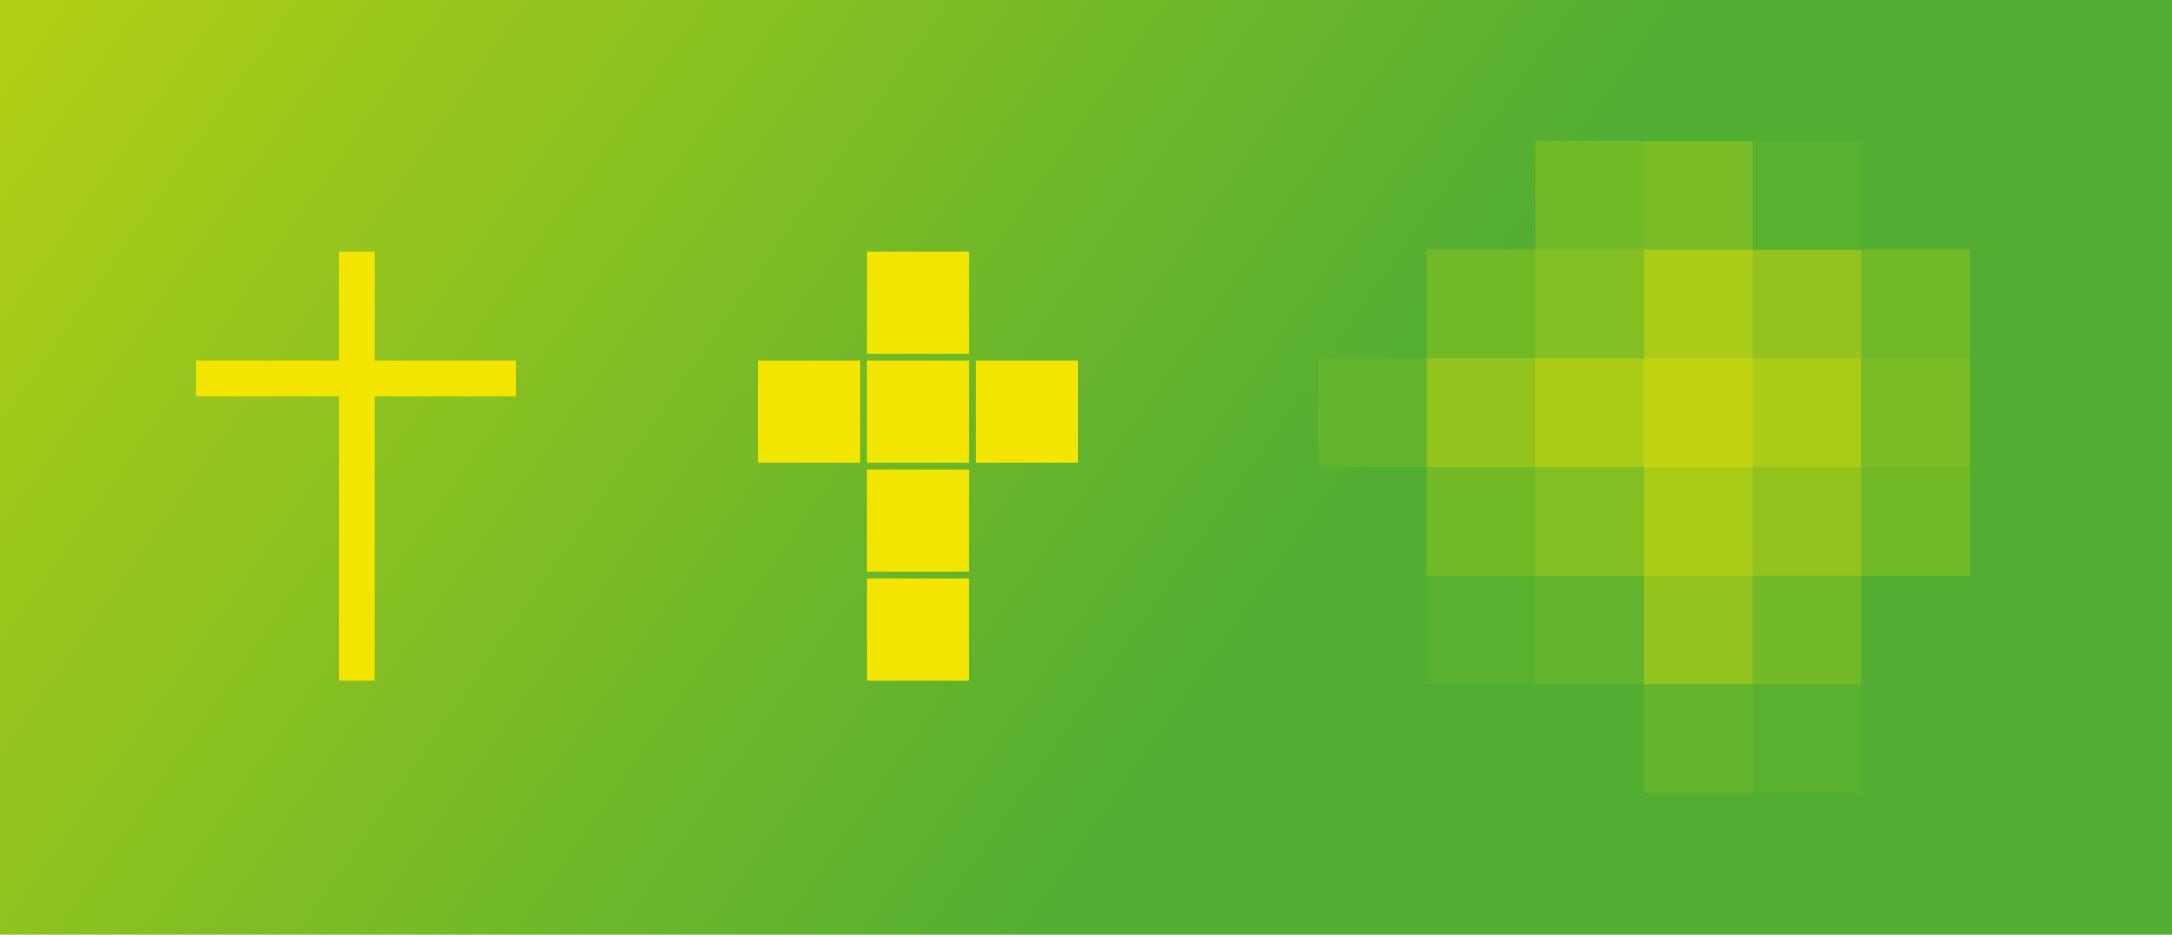 Veranschaulichung der Entstehung des stilisierten Kreuzes für das Redesign des Franziskus-Krankenhauses von der Healthcare Werbeagentur mcs